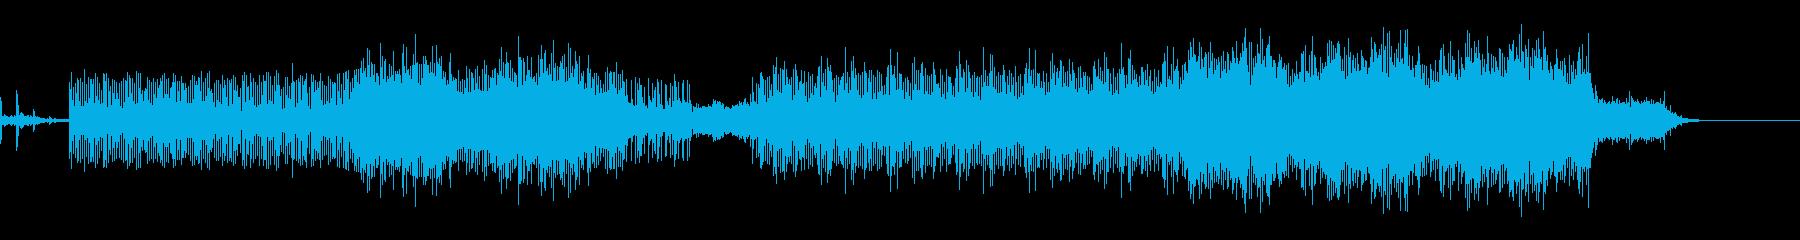 宇宙遊泳しているような雰囲気の曲の再生済みの波形